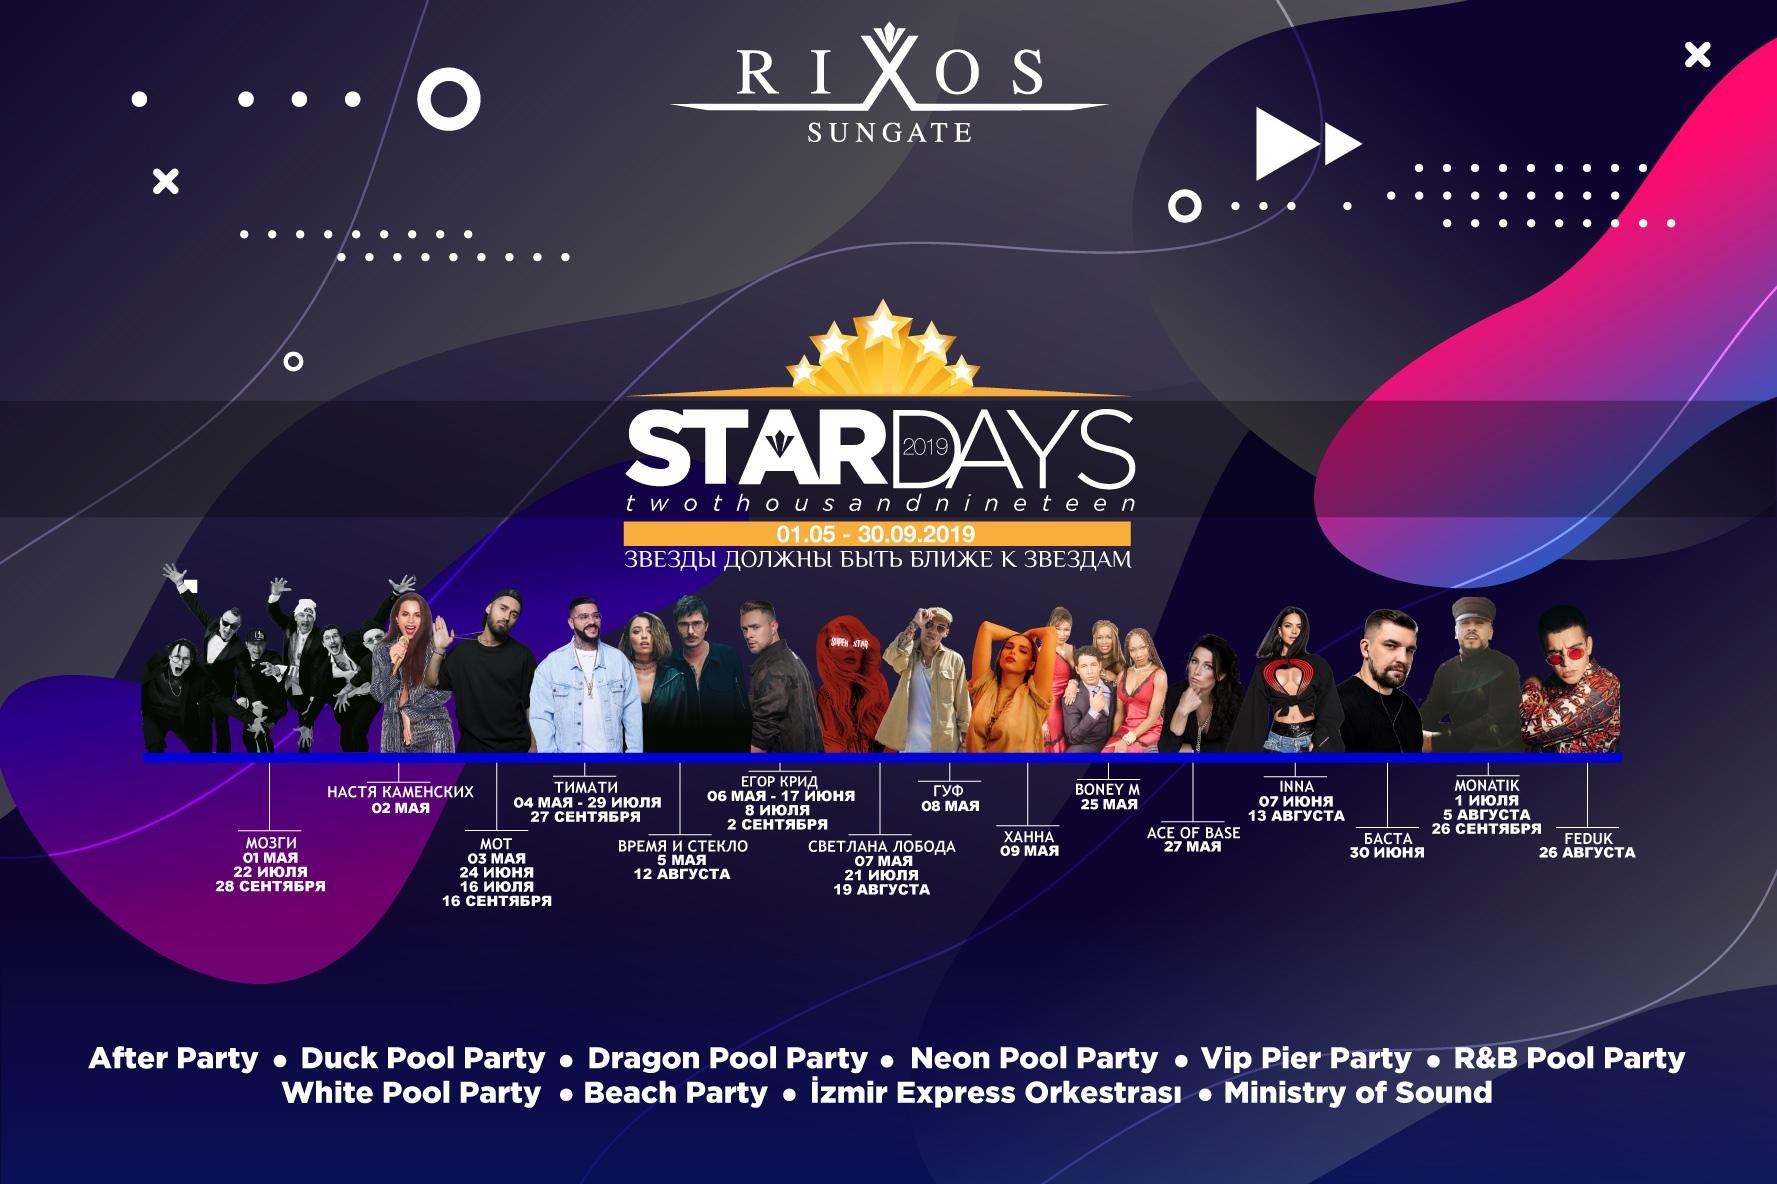 Летние развлекательные программы в отеле Rixos Sungate.